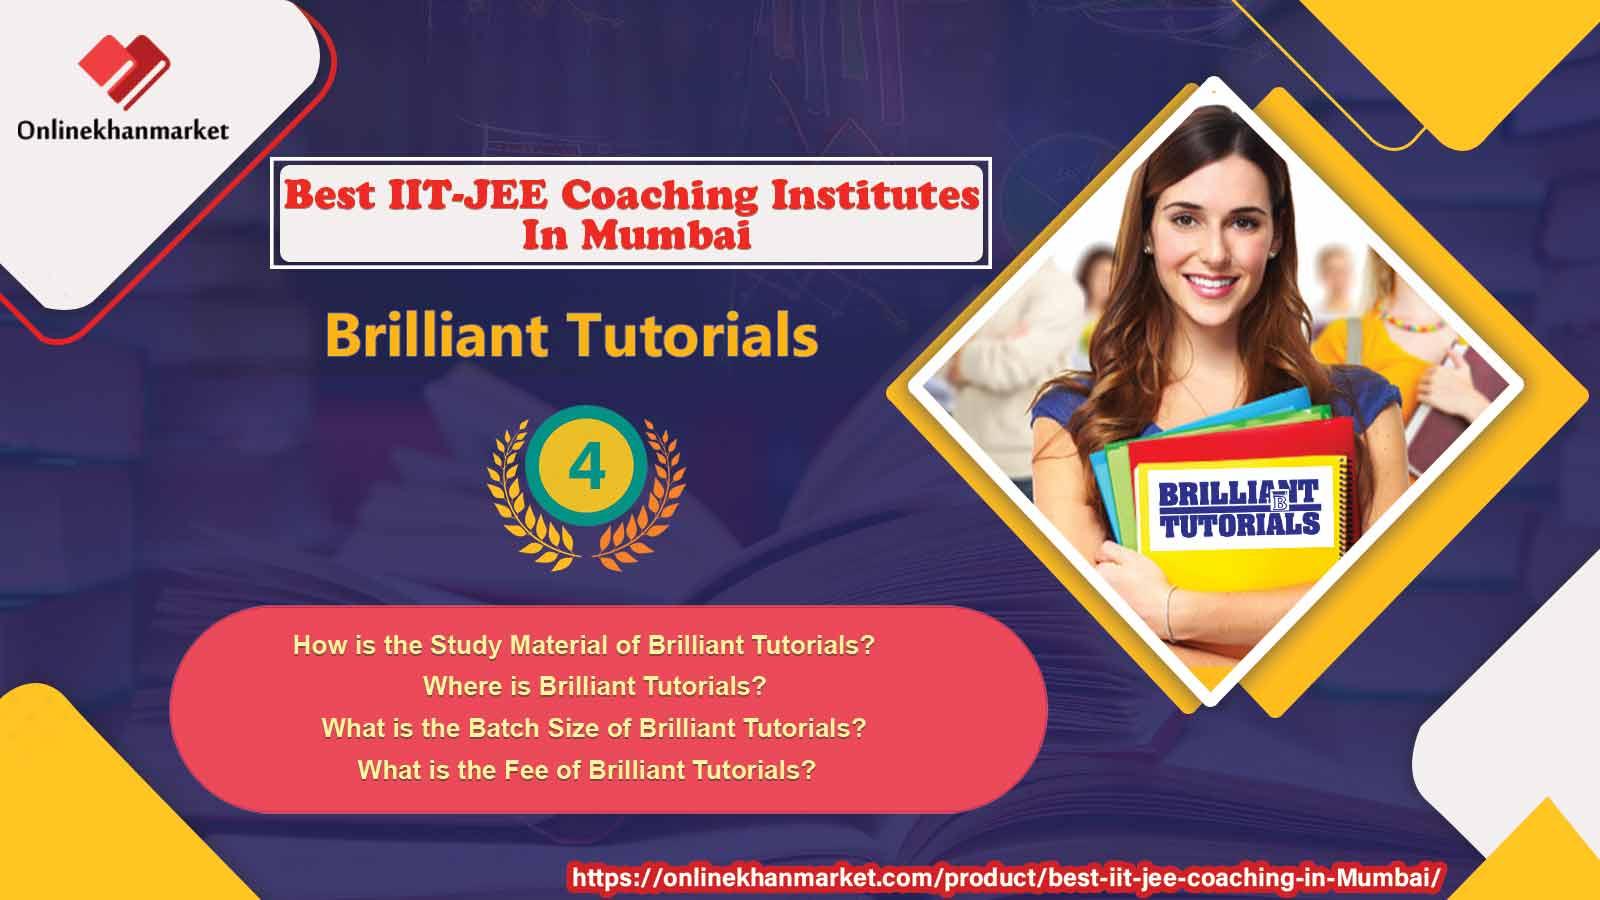 IIT Jee Coaching in Mumbai